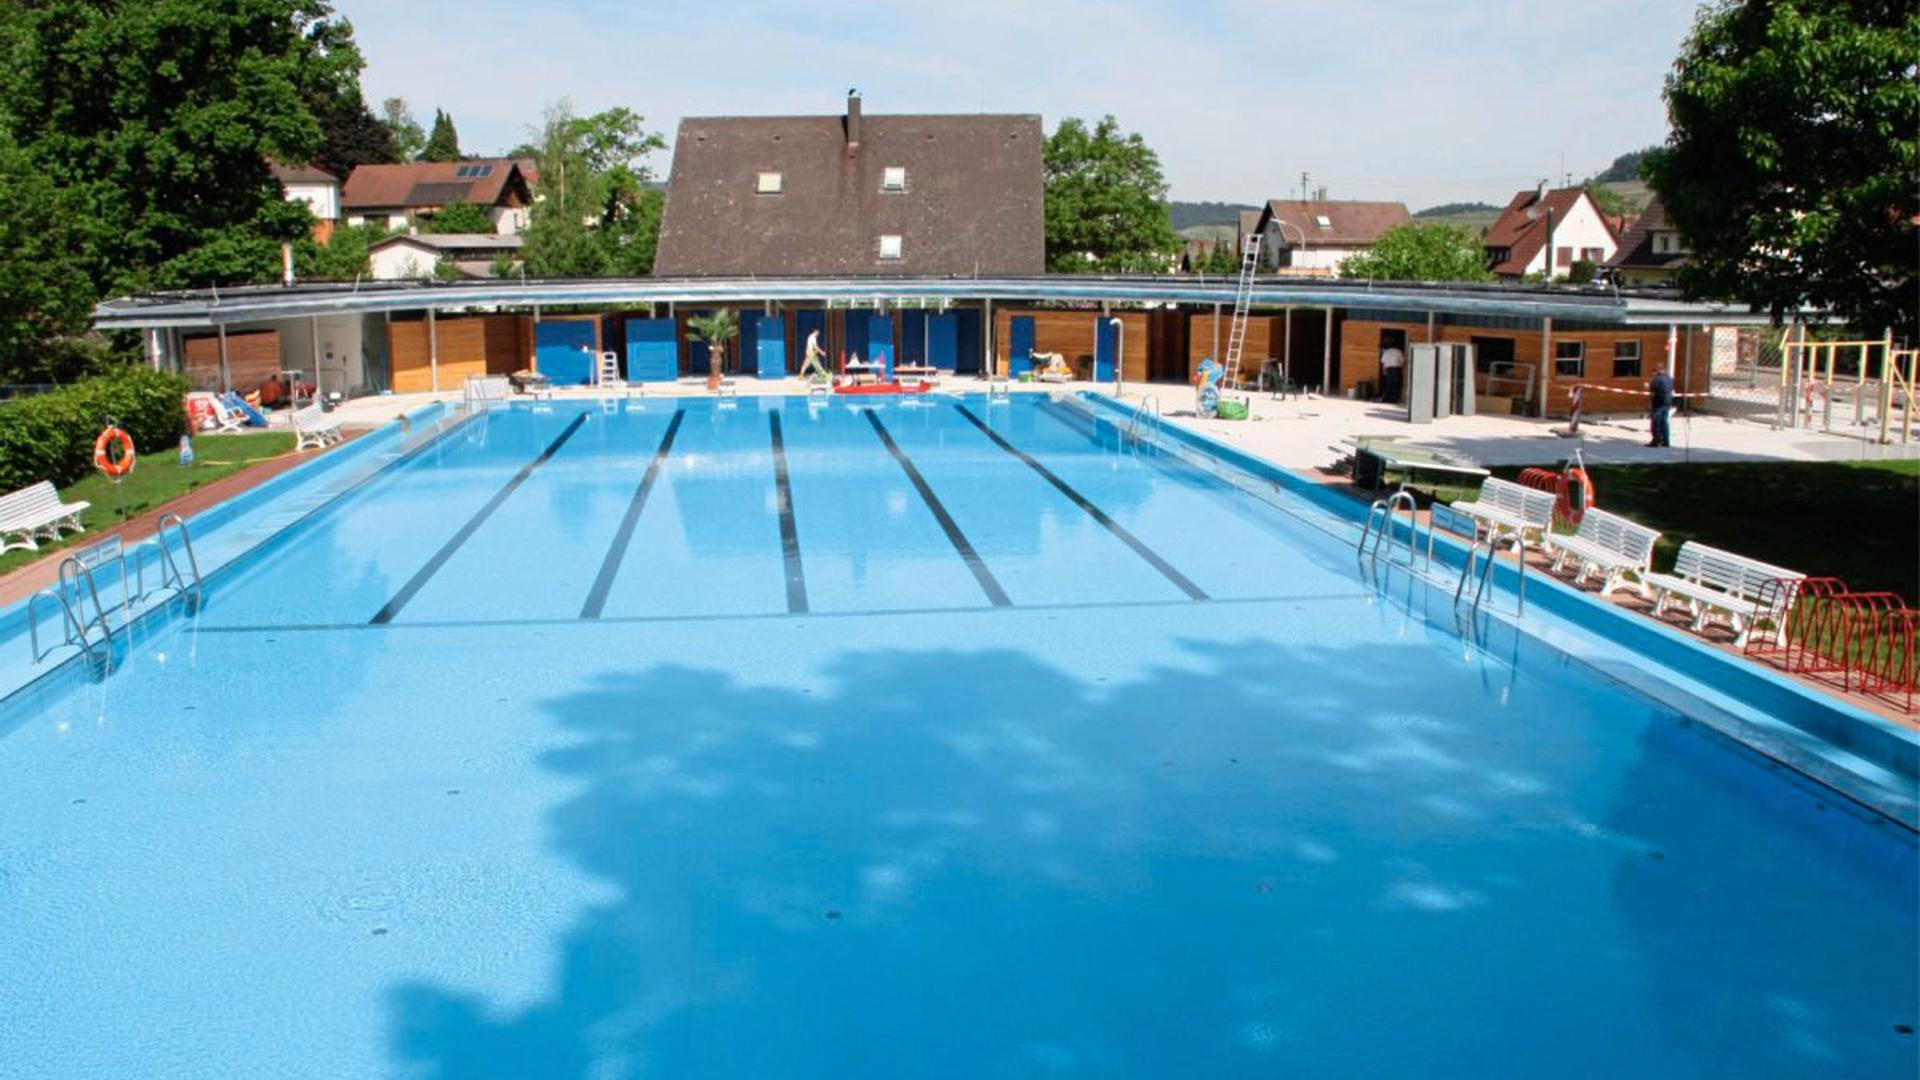 Das beheitzte Schwimmbad Kappelrodeck: Noch ist das Becken leer, bald tummeln sich hier wieder die Schwimmer.